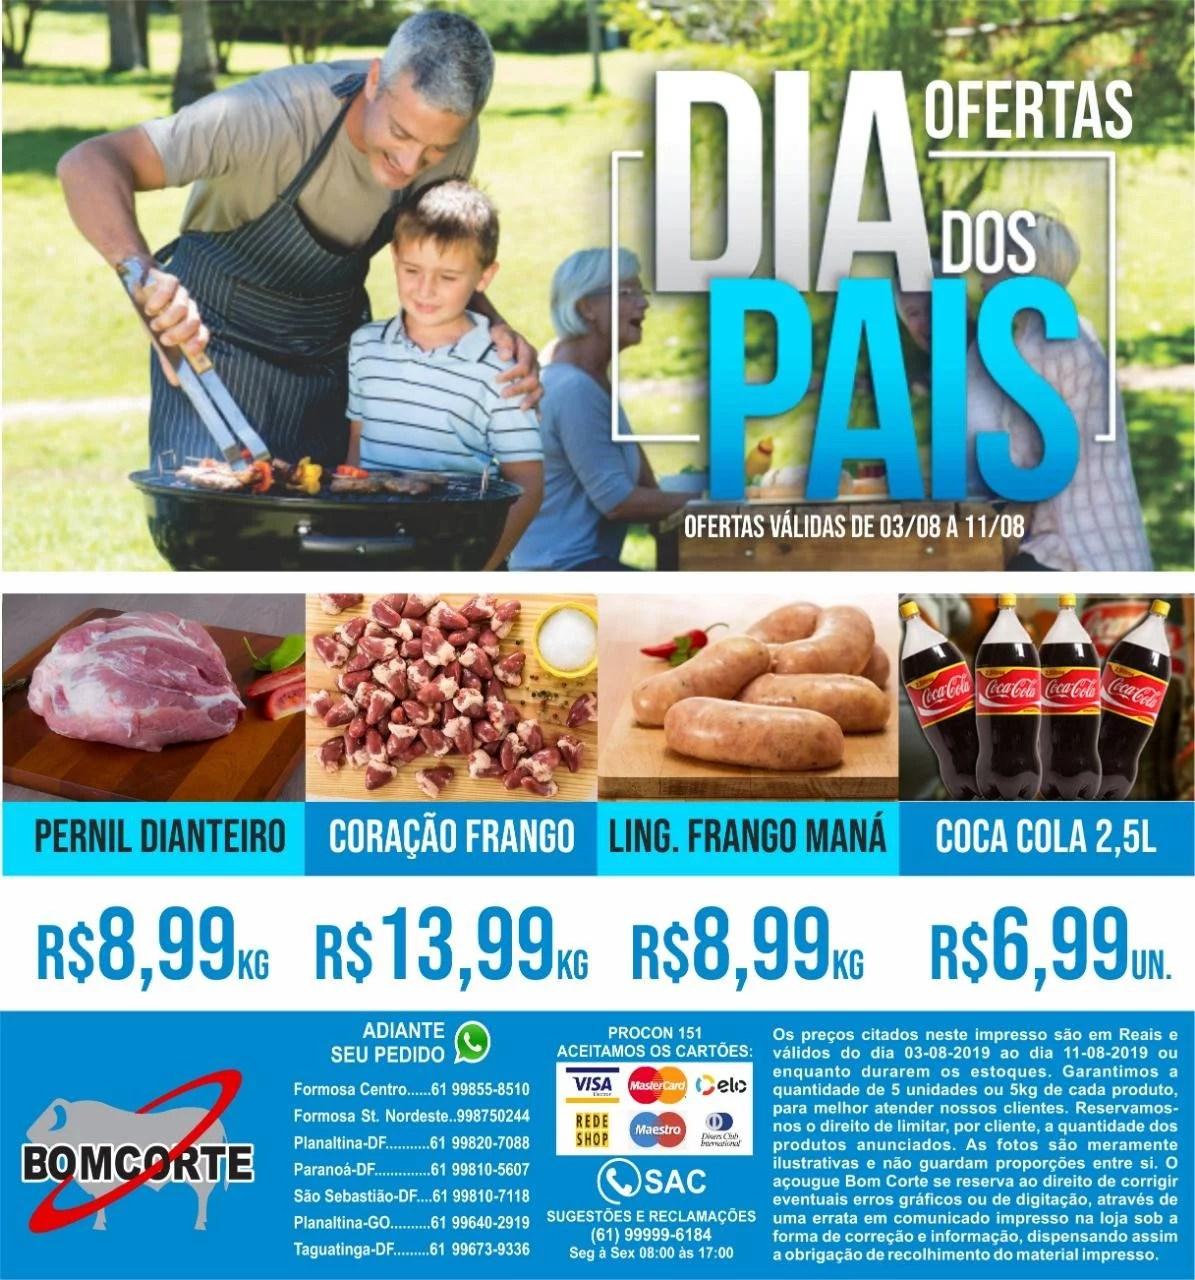 OfertasCasa-de-Carnes-Bom-Corte61